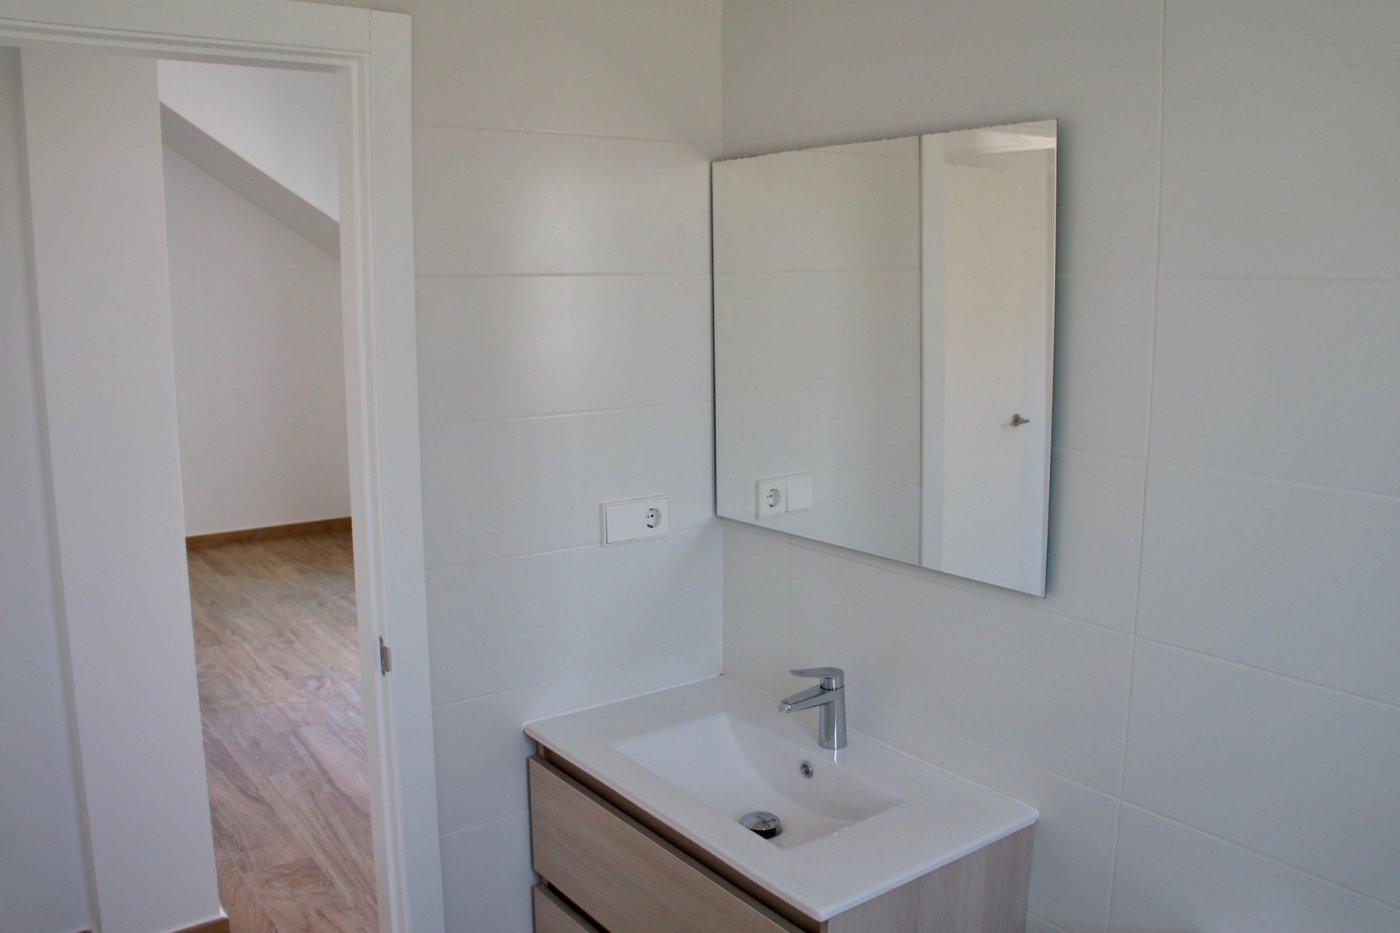 Gallery Image 13 of Nuevo apartamento listo en la planta superior de 2 dormitorios a solo 2 minutos a pie de las playas,